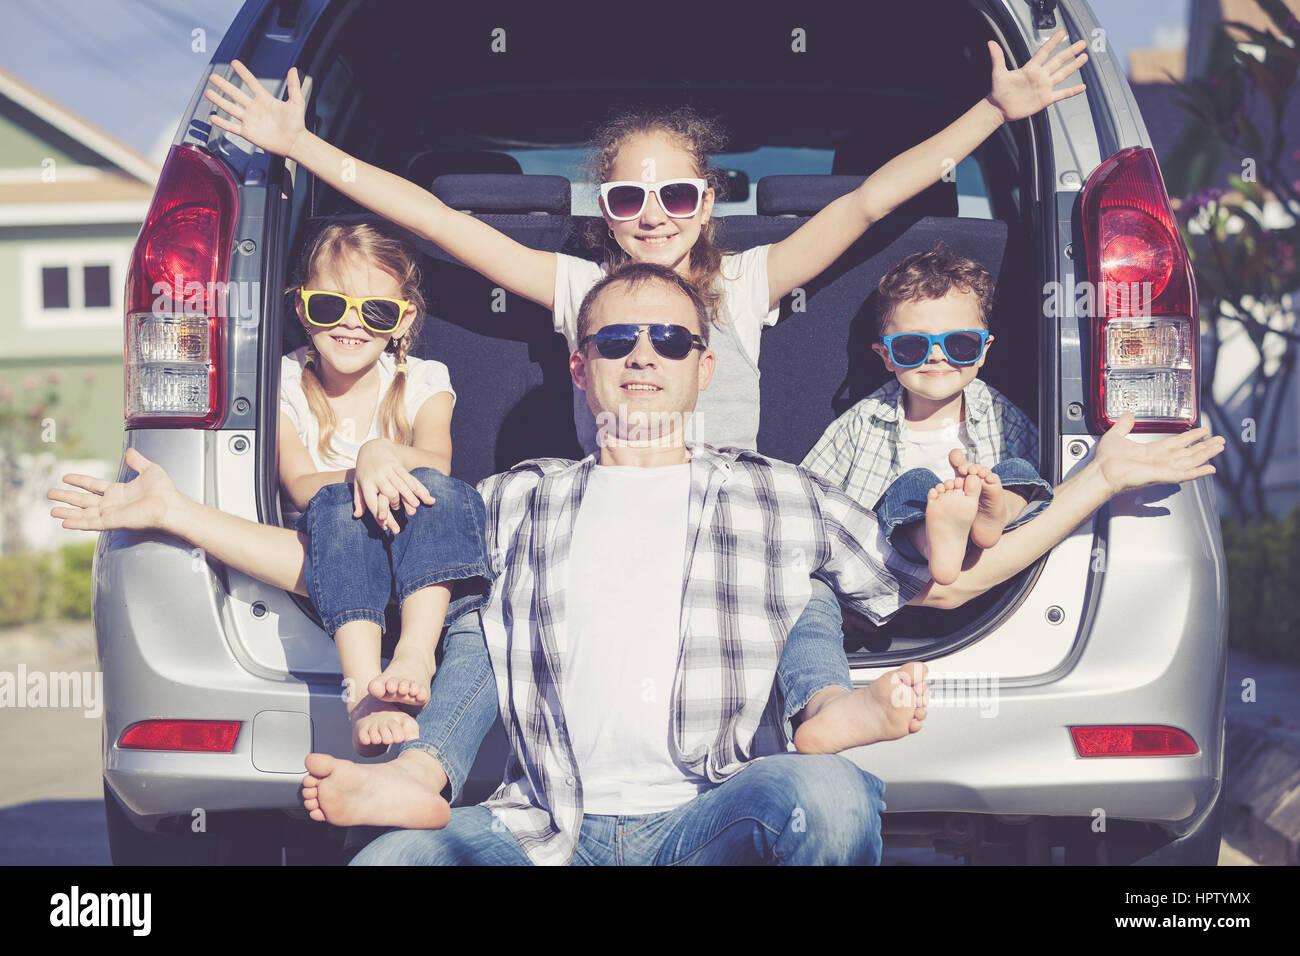 La famiglia felice tenetevi pronti per il viaggio su strada in una giornata di sole. Concetto di famiglia amichevole. Foto Stock